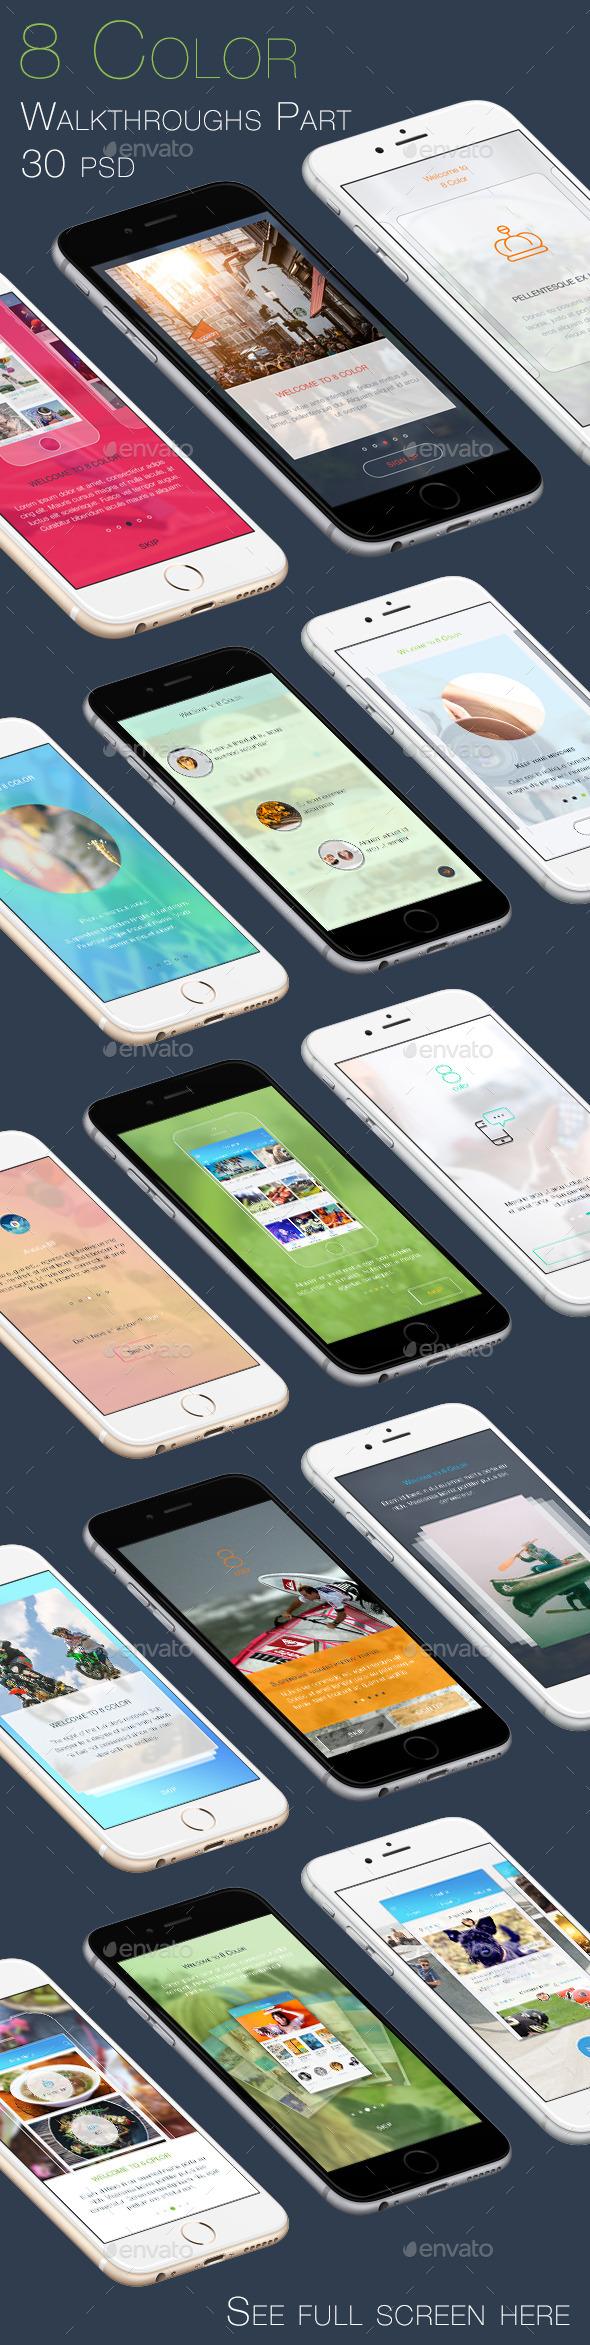 GraphicRiver 8 Color Walkthroughs Part Mobile UI Kit 9658695